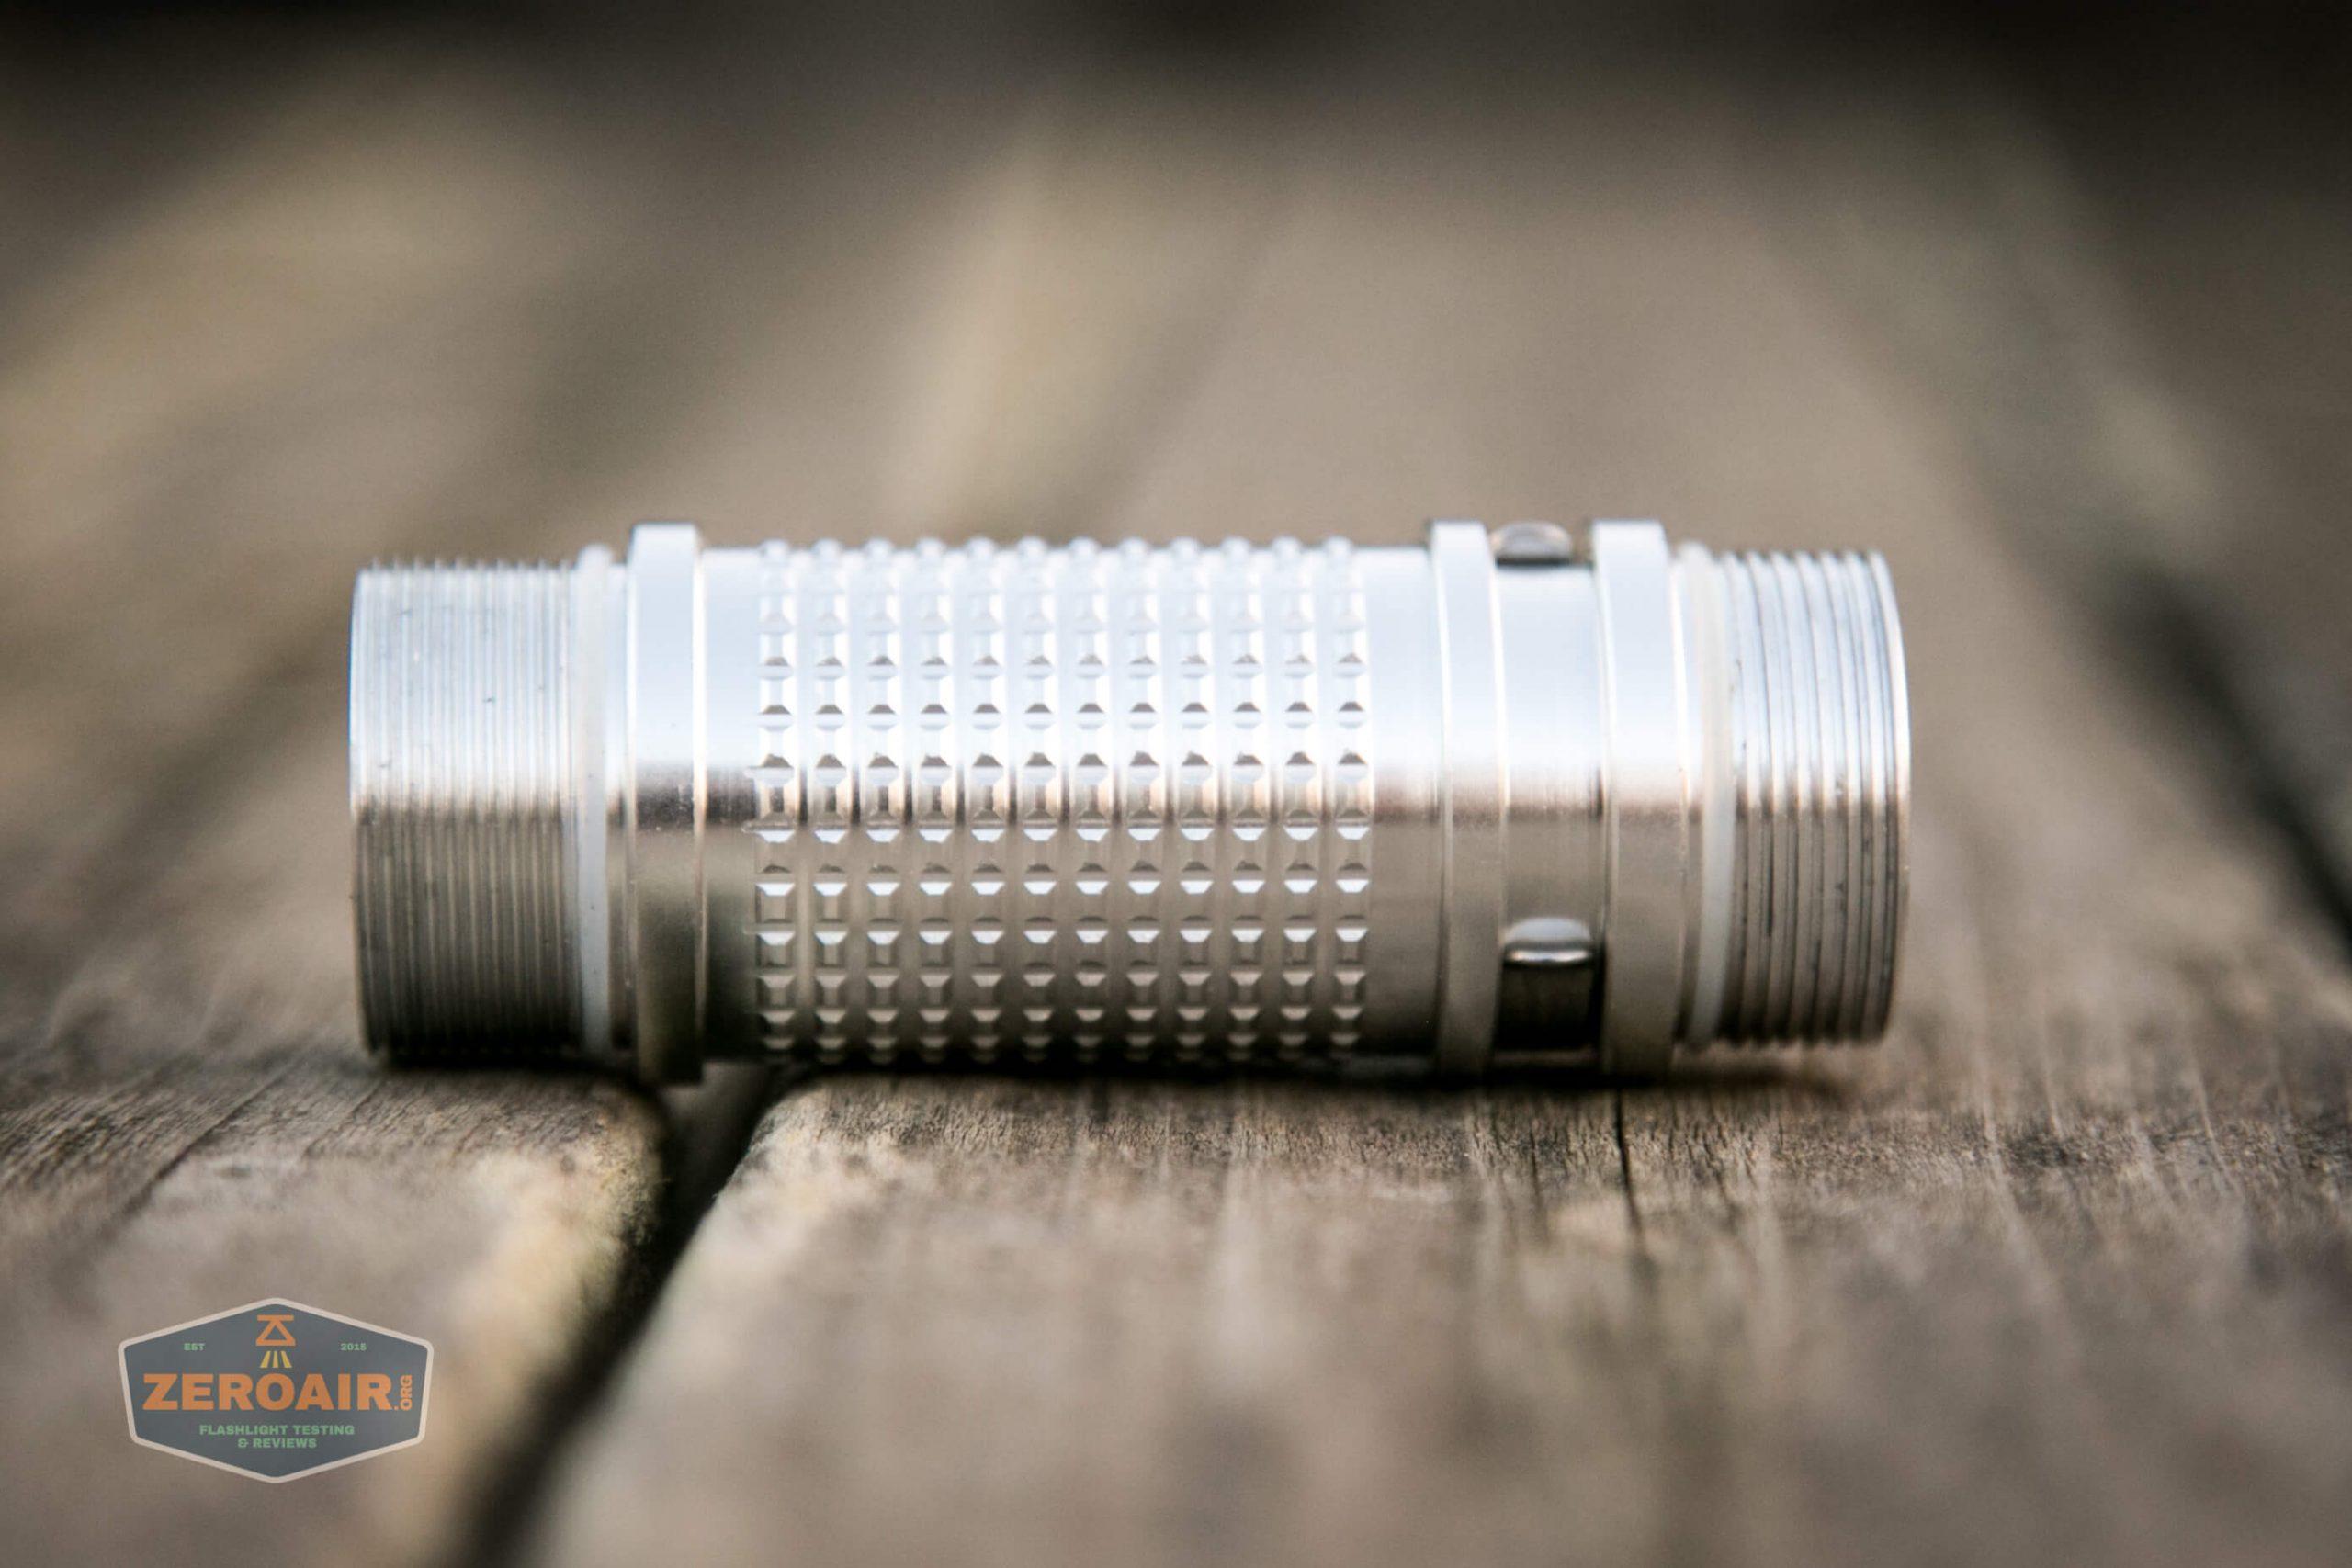 fireflylite e01 luminus sst-40 21700 disassembled cell tube